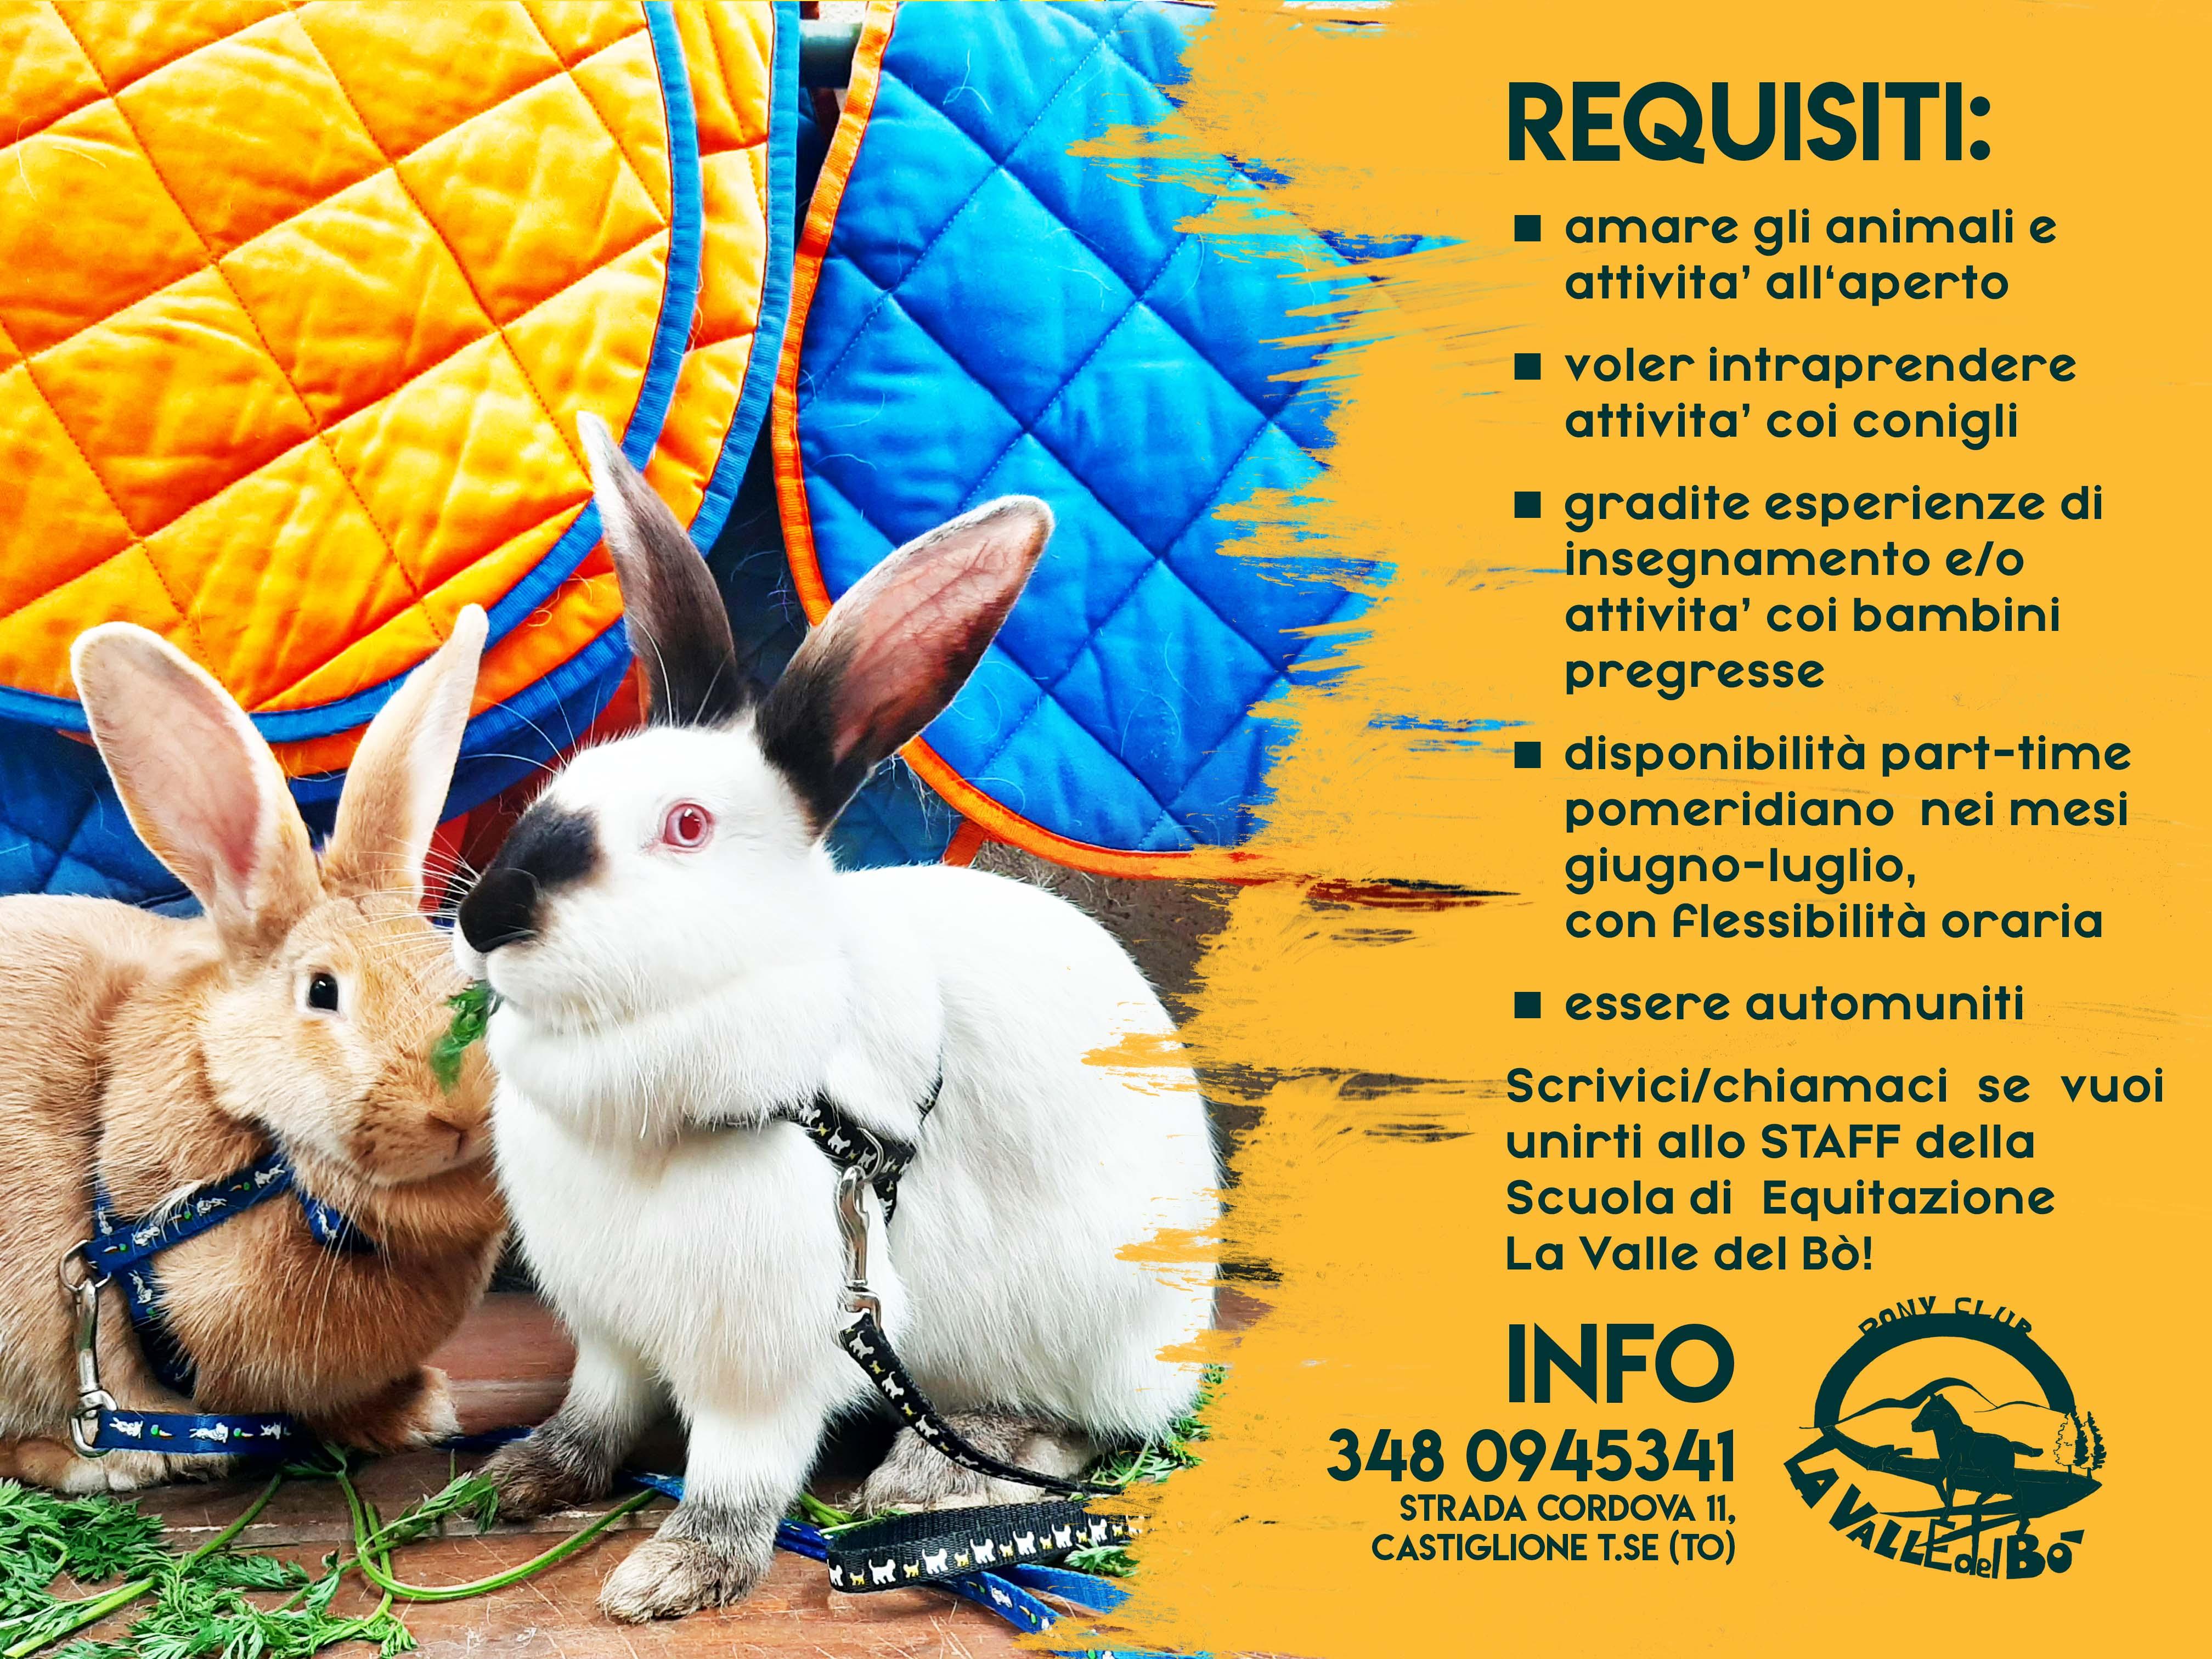 conigli-per-estate_02_2021-04-12